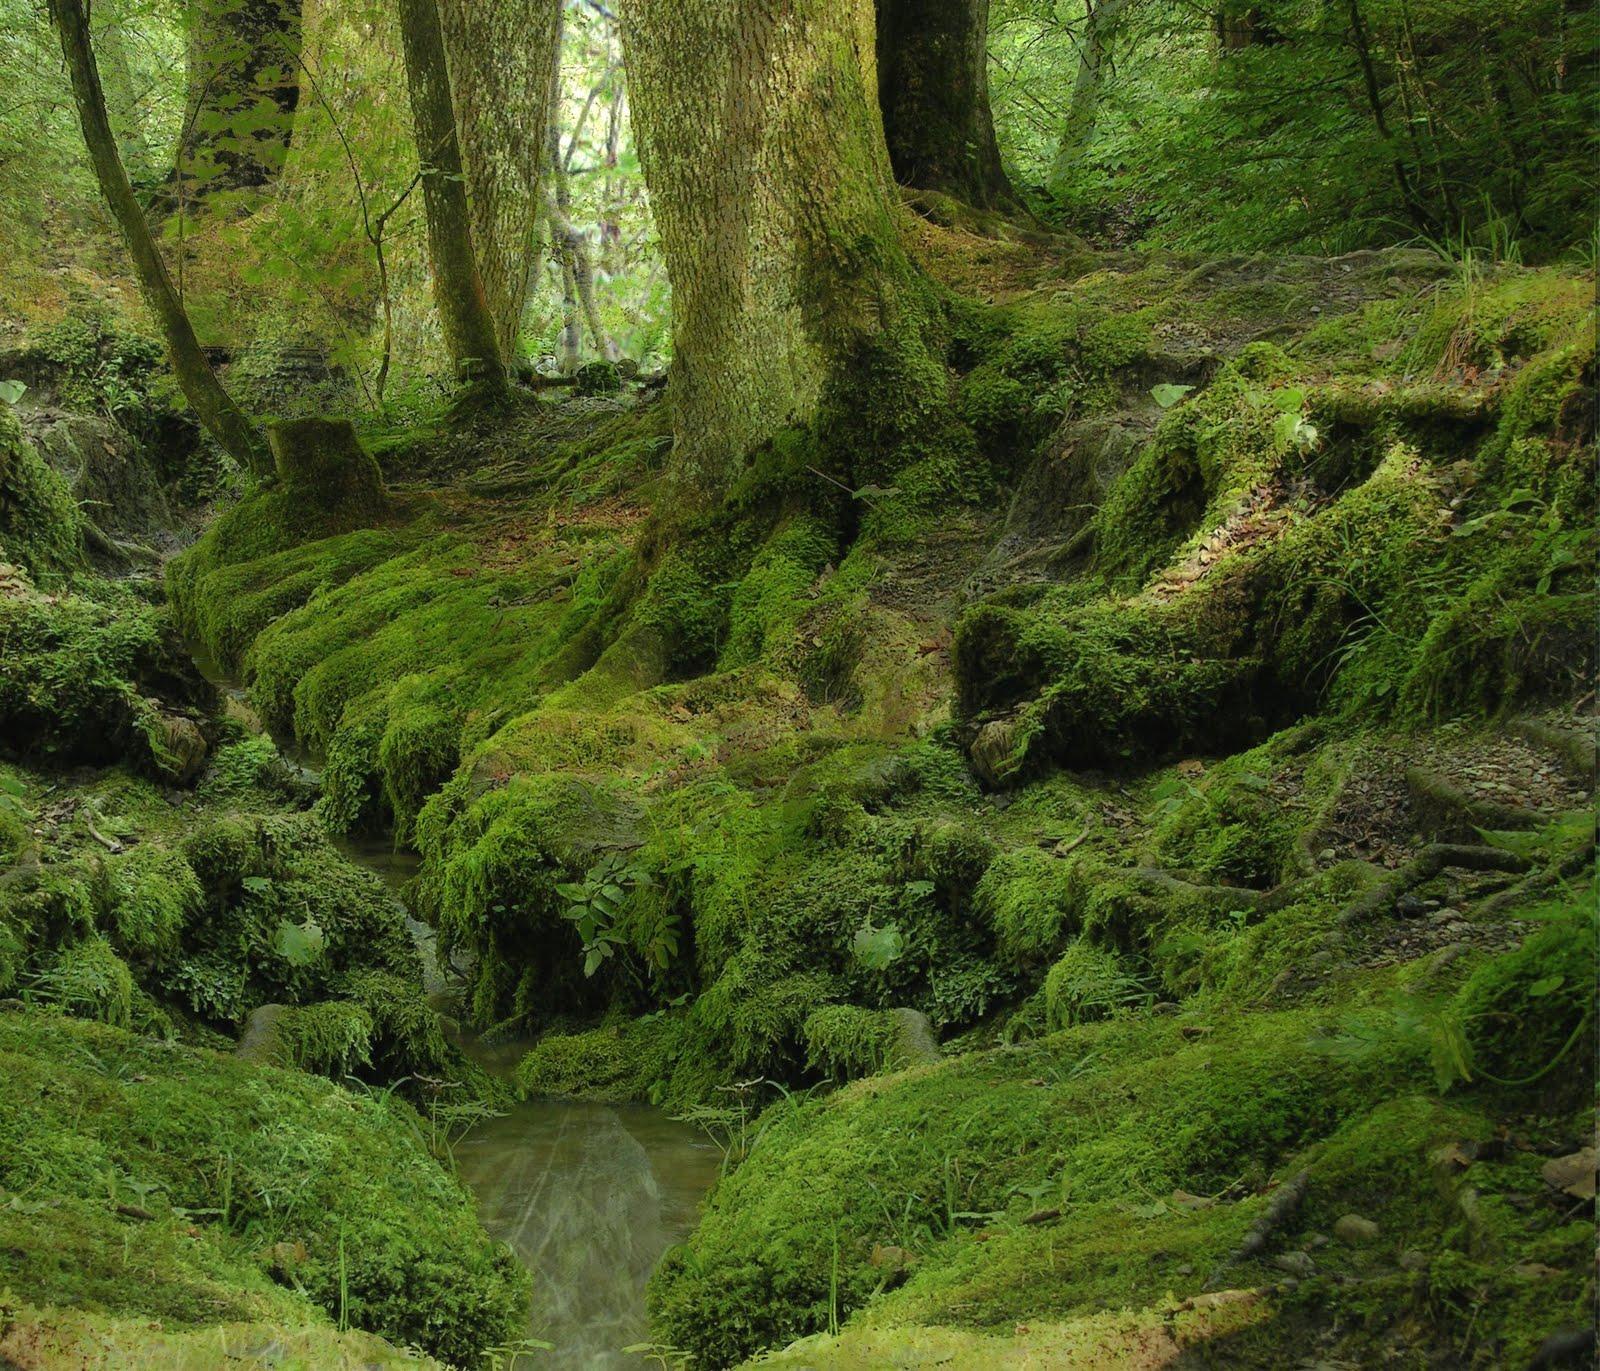 http://1.bp.blogspot.com/-d8IPb4EyIxU/TtzQ6zaLCRI/AAAAAAAAAq0/-SxV_kkW3_k/s1600/forest-background-1-750528.jpg